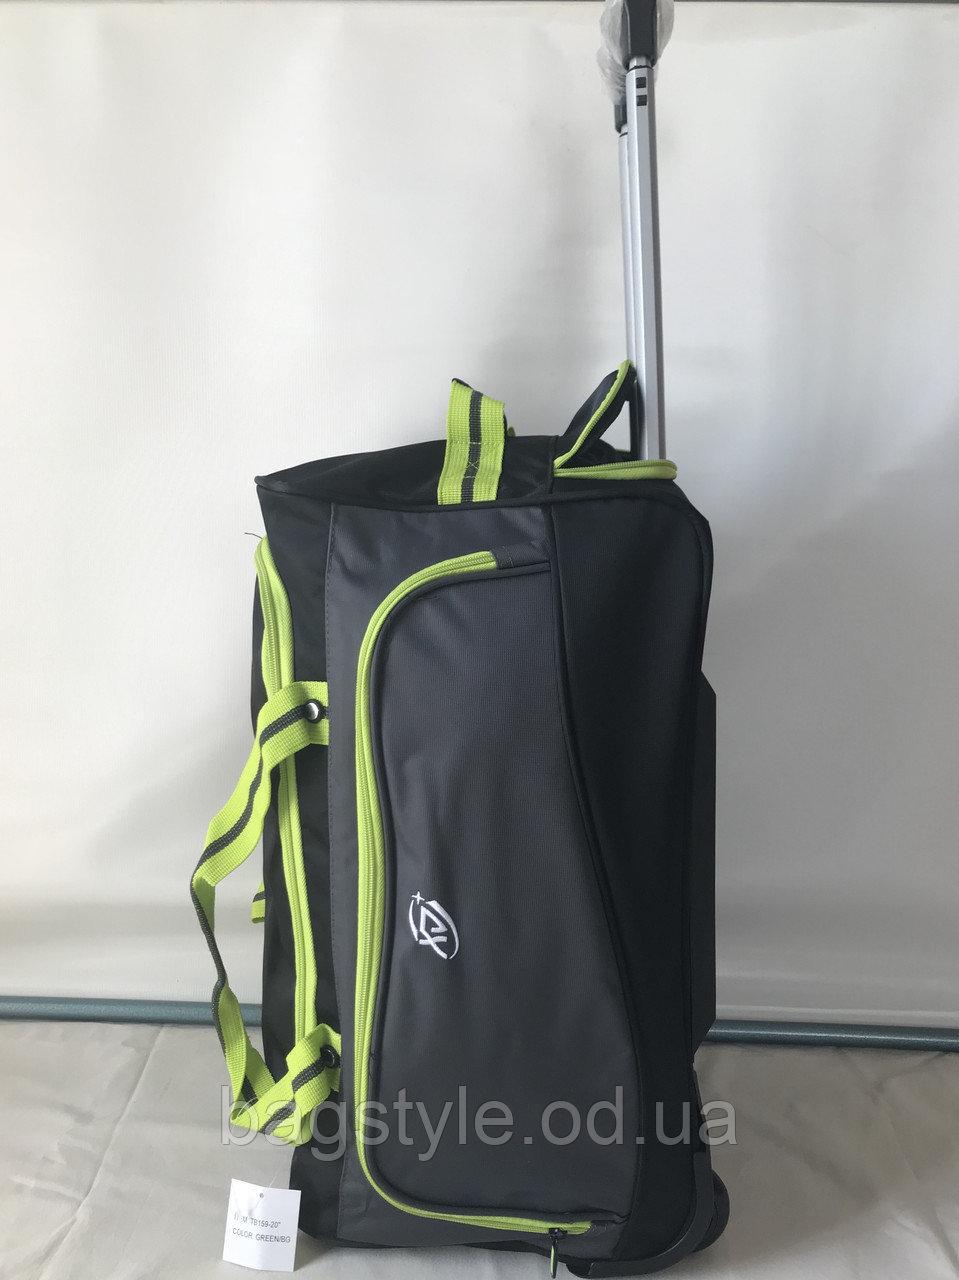 Дорожная сумка на колесах маленькая для ручной клади с выдвижной ручкой